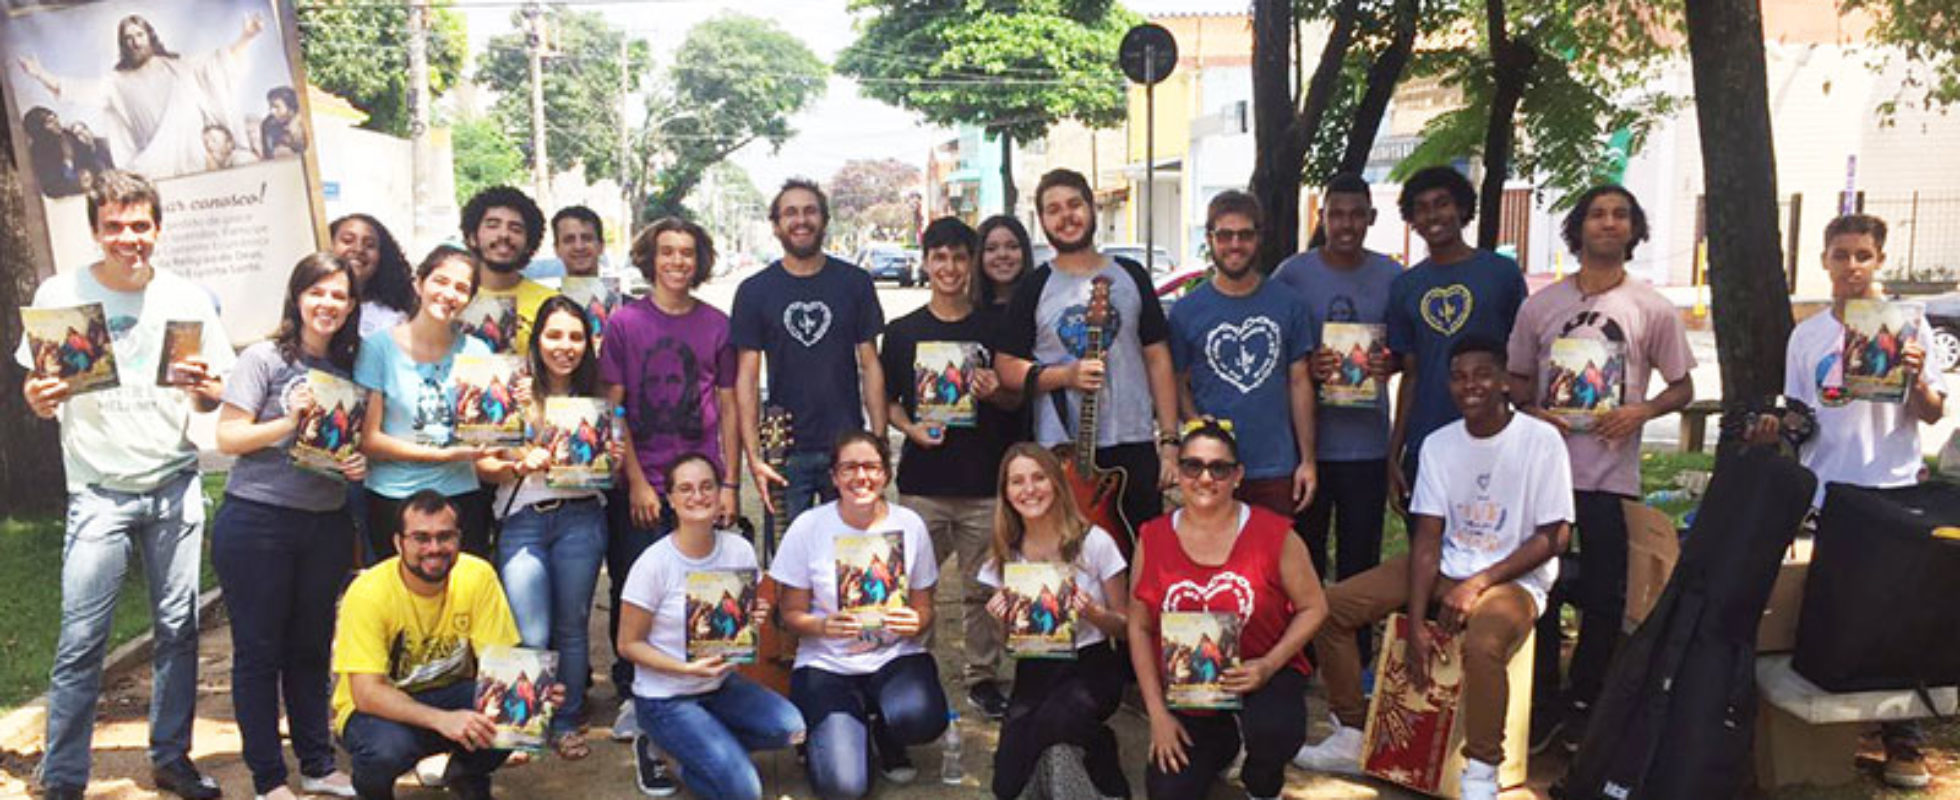 Jovens Legionários que participaram da campanha com a revista JESUS ESTÁ CHEGANDO! no bairro da Casa Verde, São Paulo, SP.